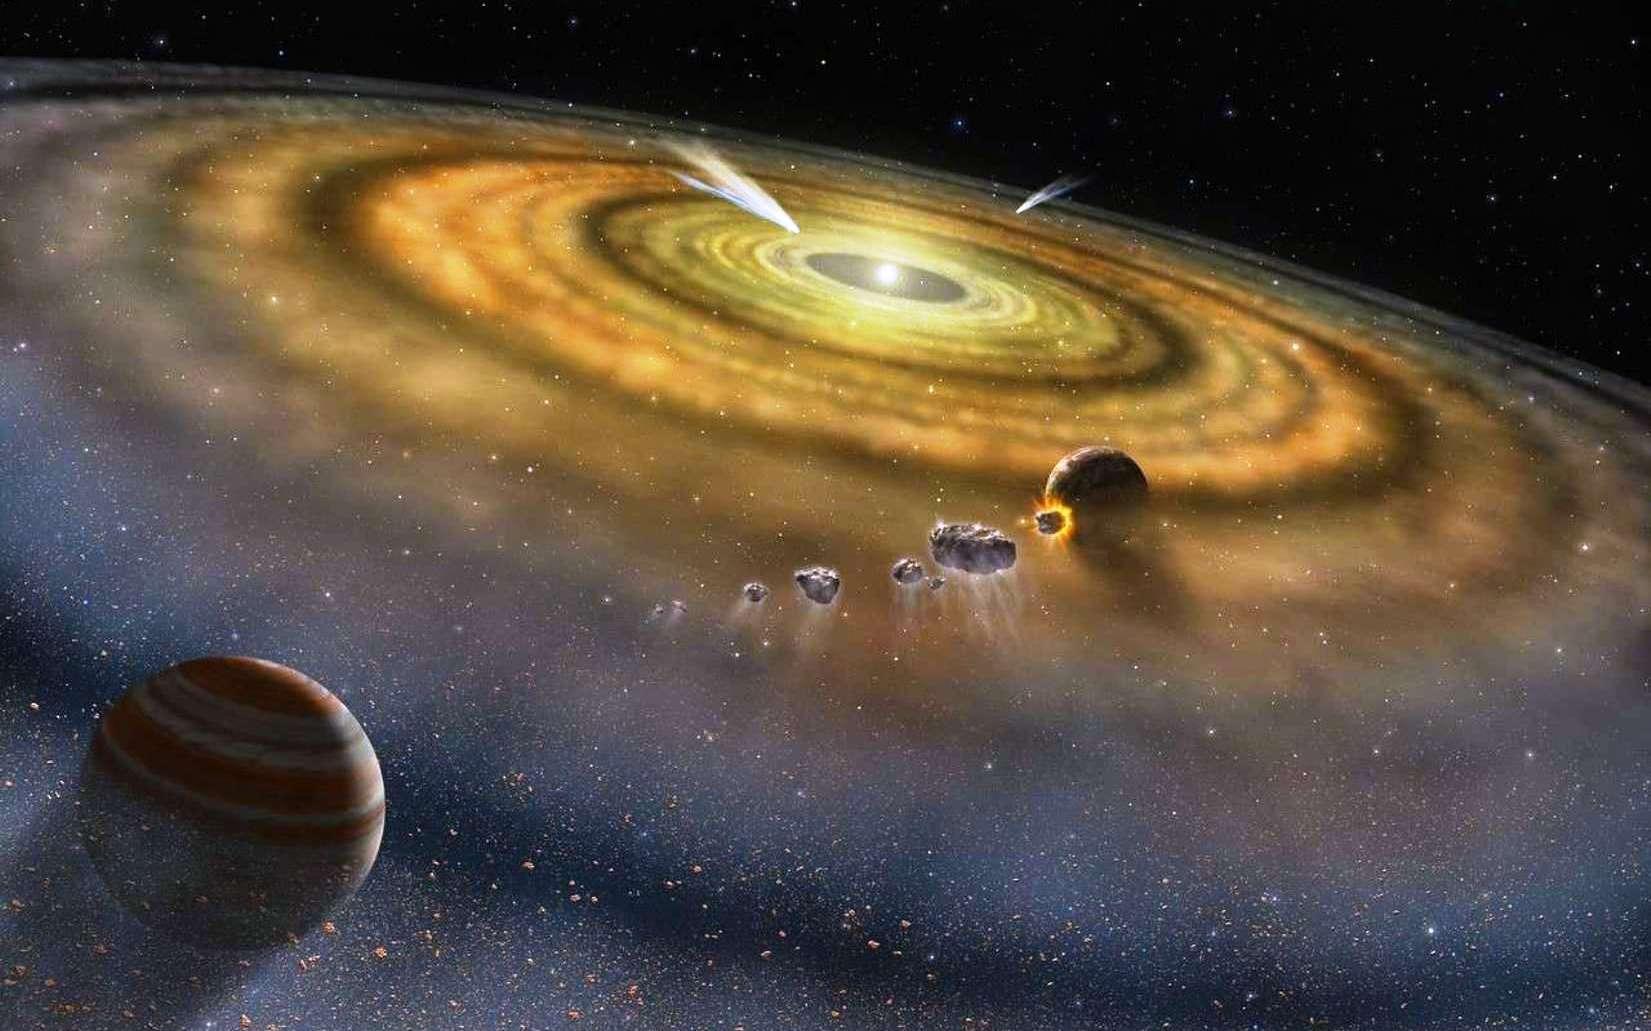 La découverte récente de six nouvelles exocomètes semble confirmer l'idée que ces corps célestes seraient aussi communs que les exoplanètes. © Nasa, Fuse, Lynette Cook